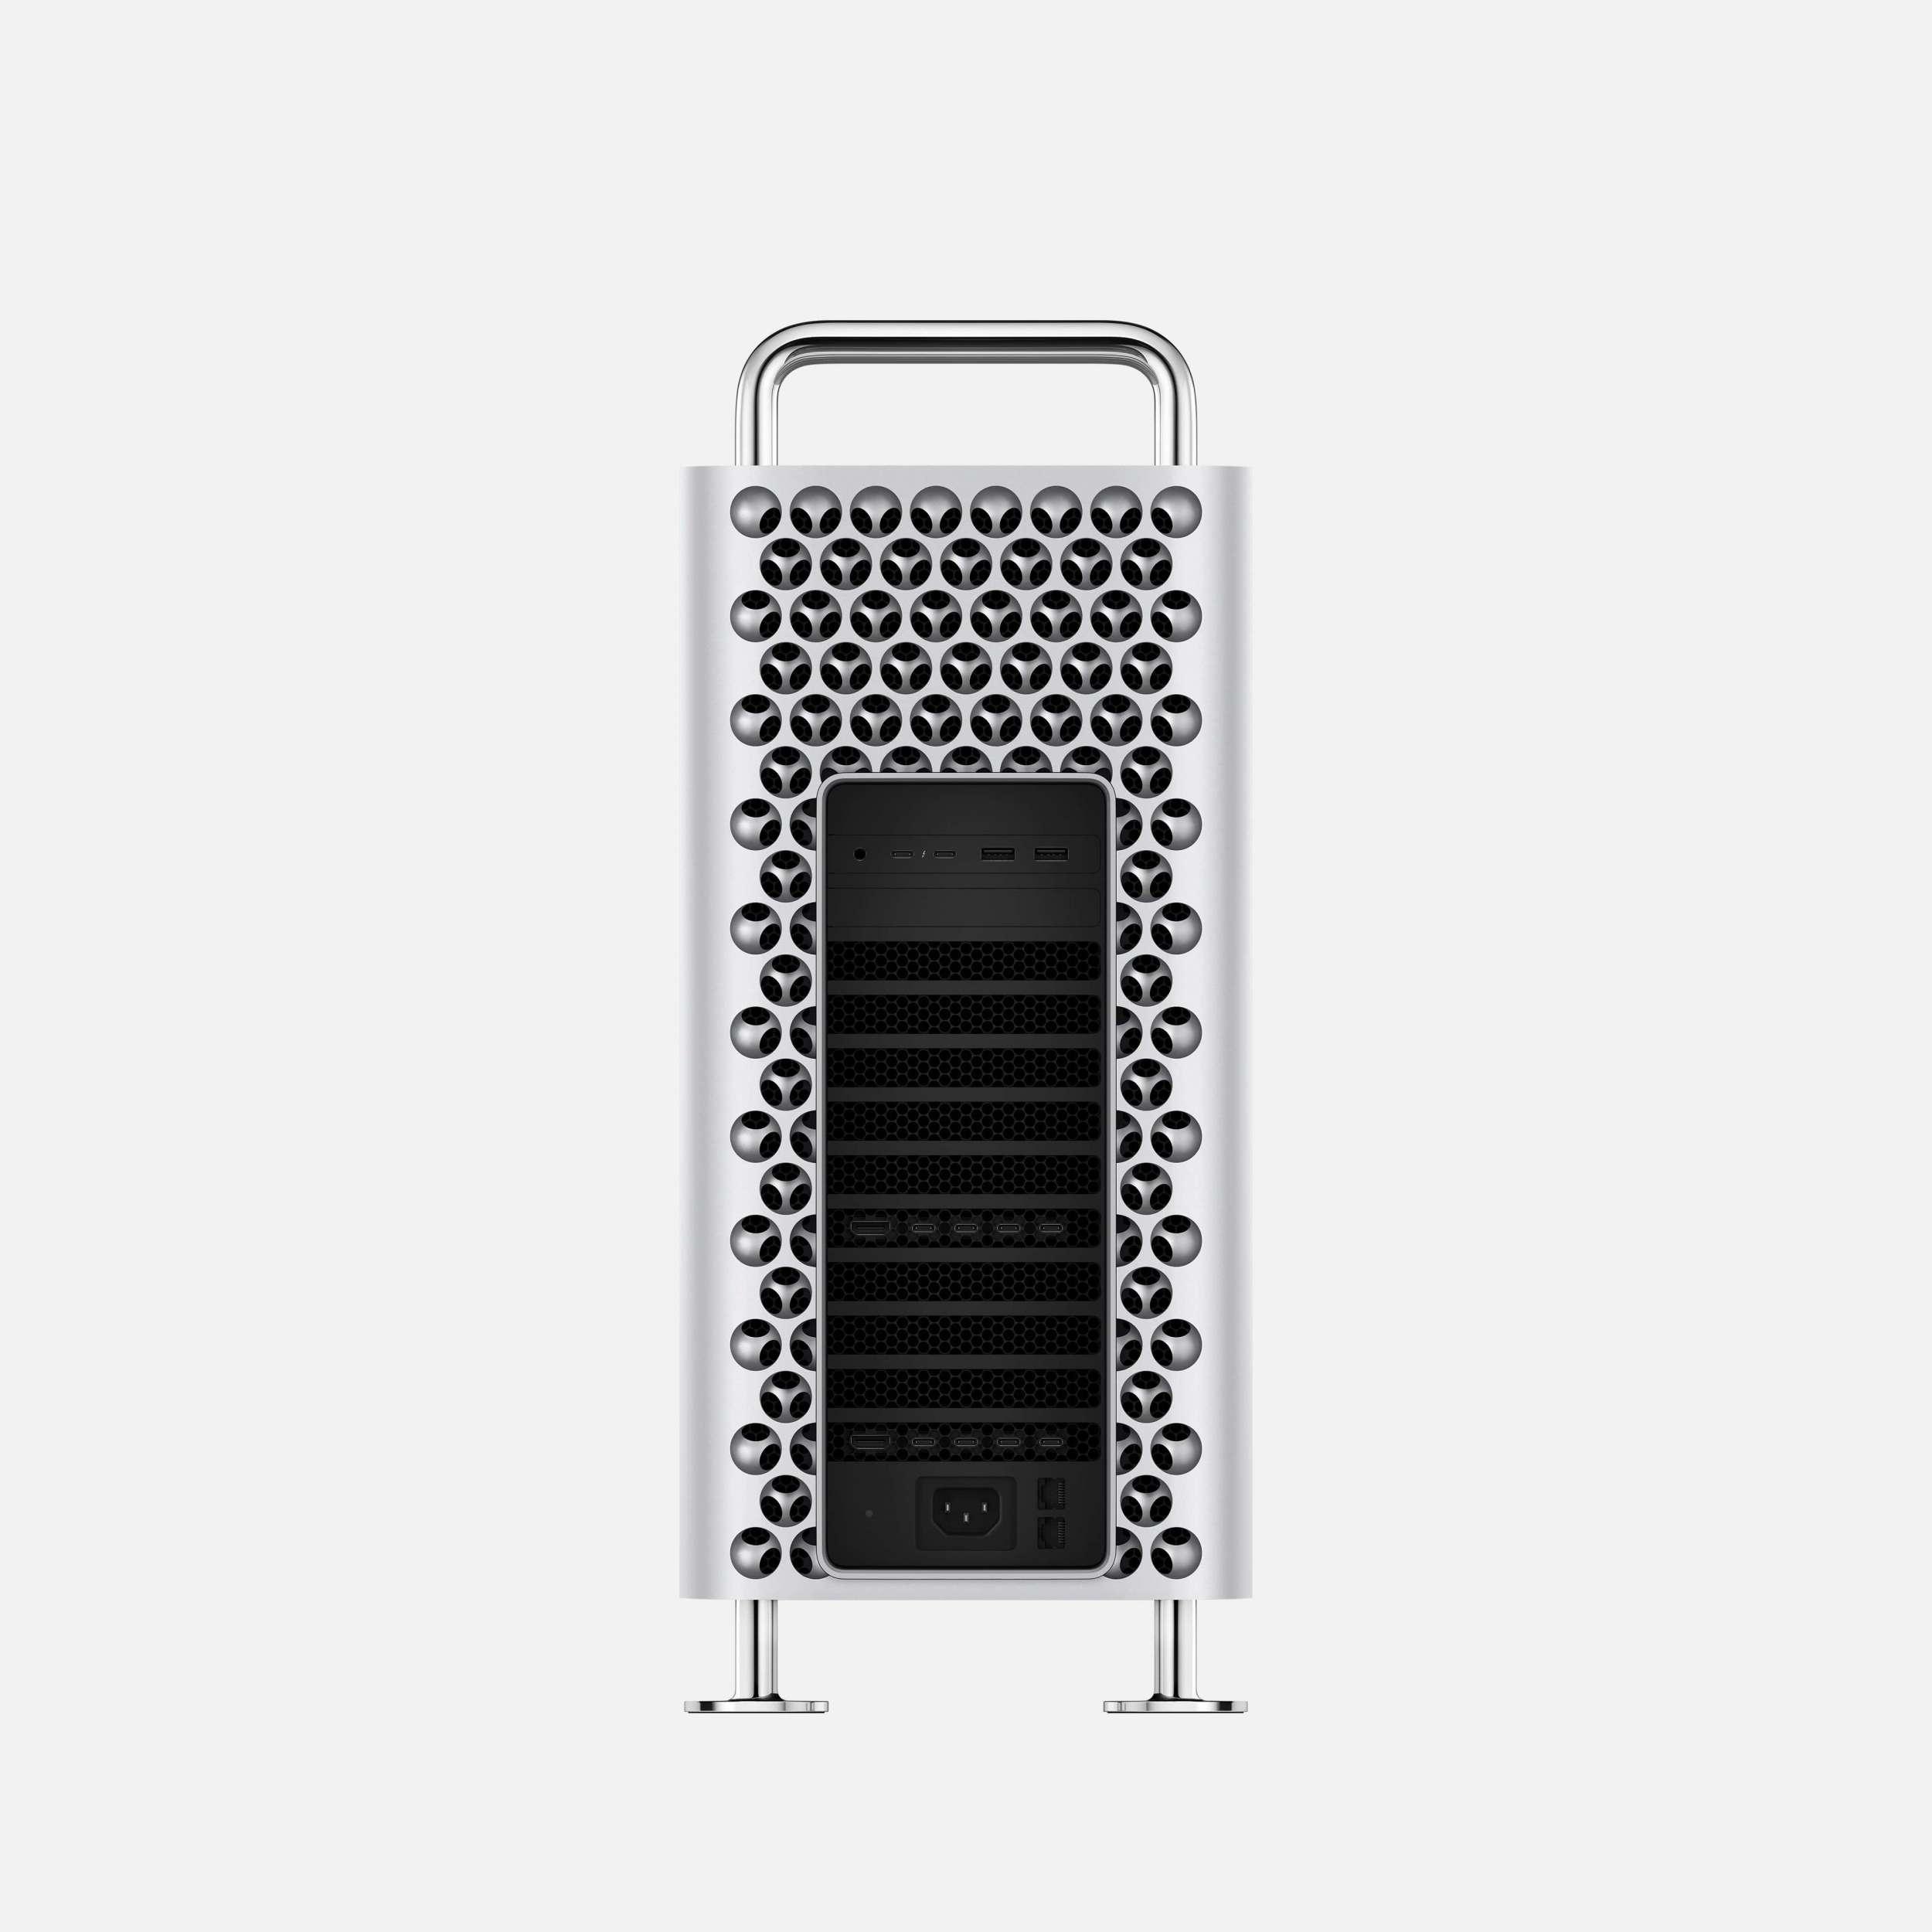 Mac Pro 3.5GHz 8C Xeon 32GB RAM 256GB SSD 8GB Radeon Pro 580X Z0W3